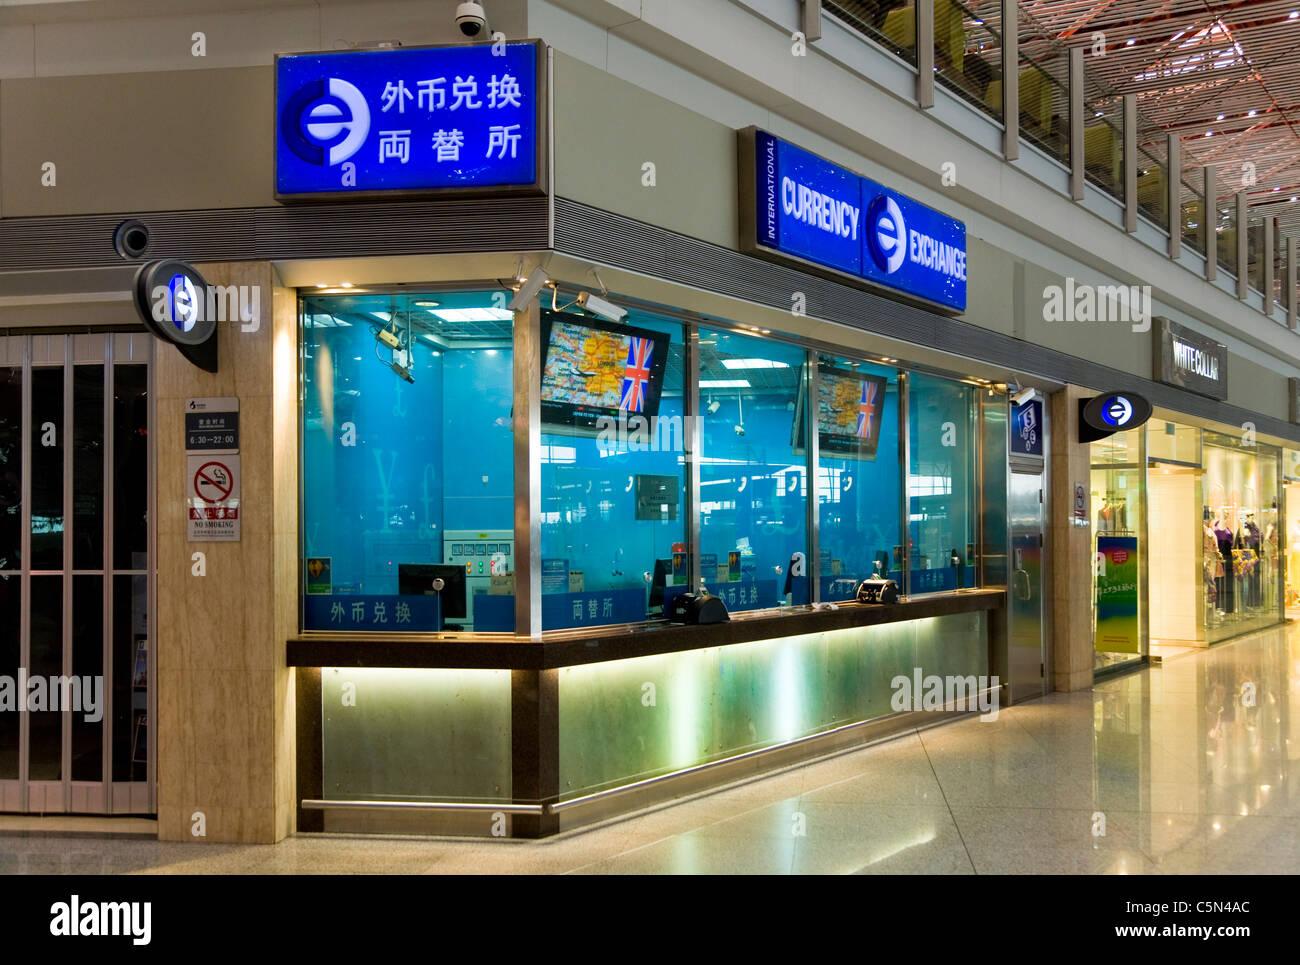 Xchange bureaux de change: xchange bureaux de change bureau de